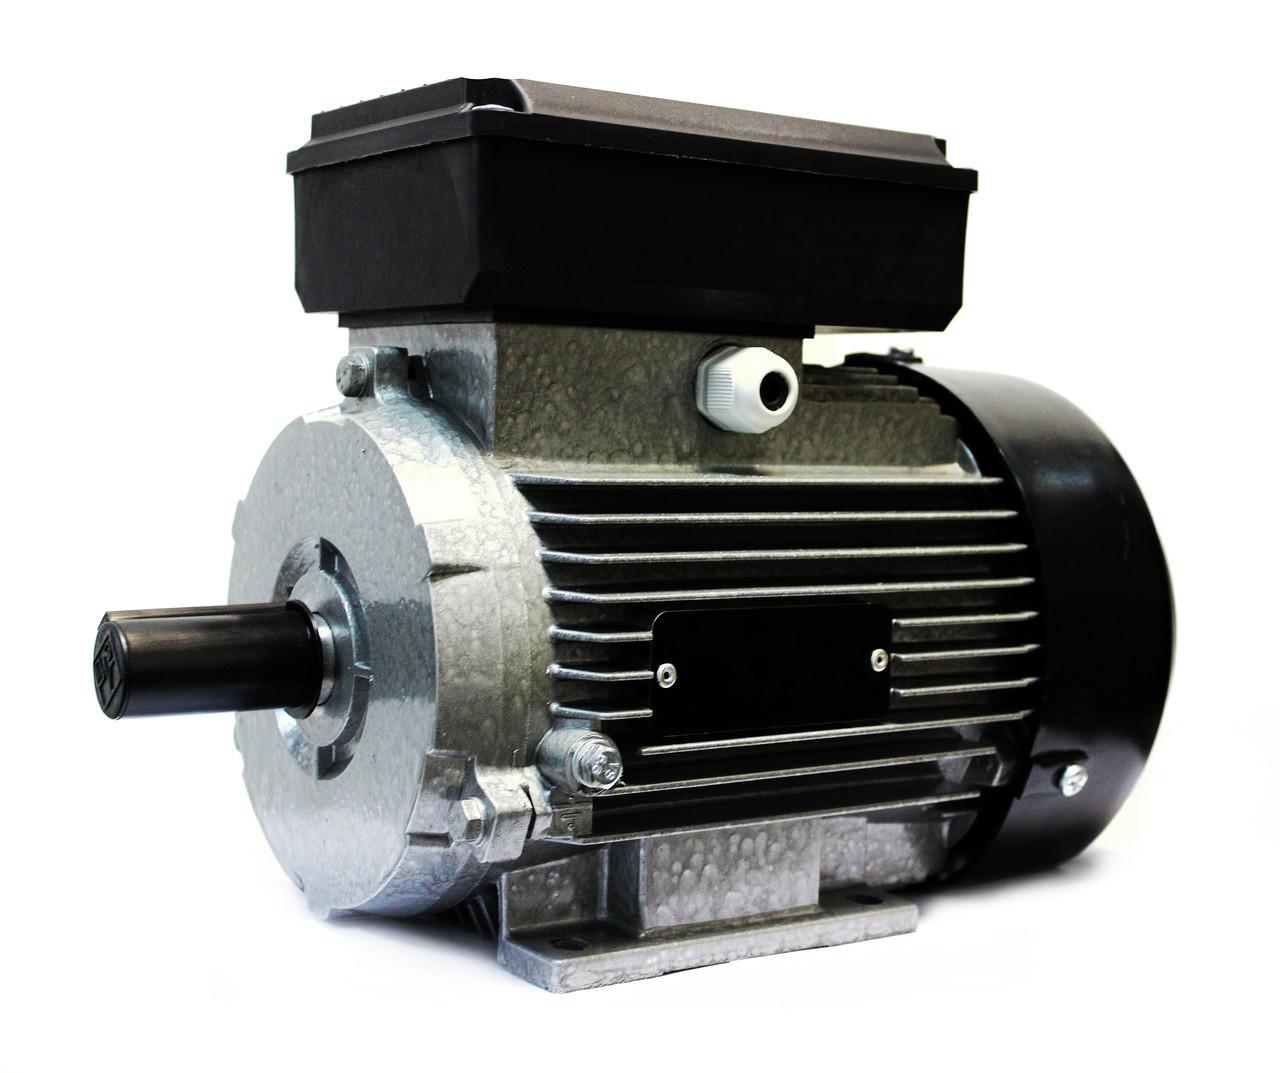 Однофазный электродвигатель АИ1Е 80 С4 У2 (1.5 кВт, 1500 об/мин)